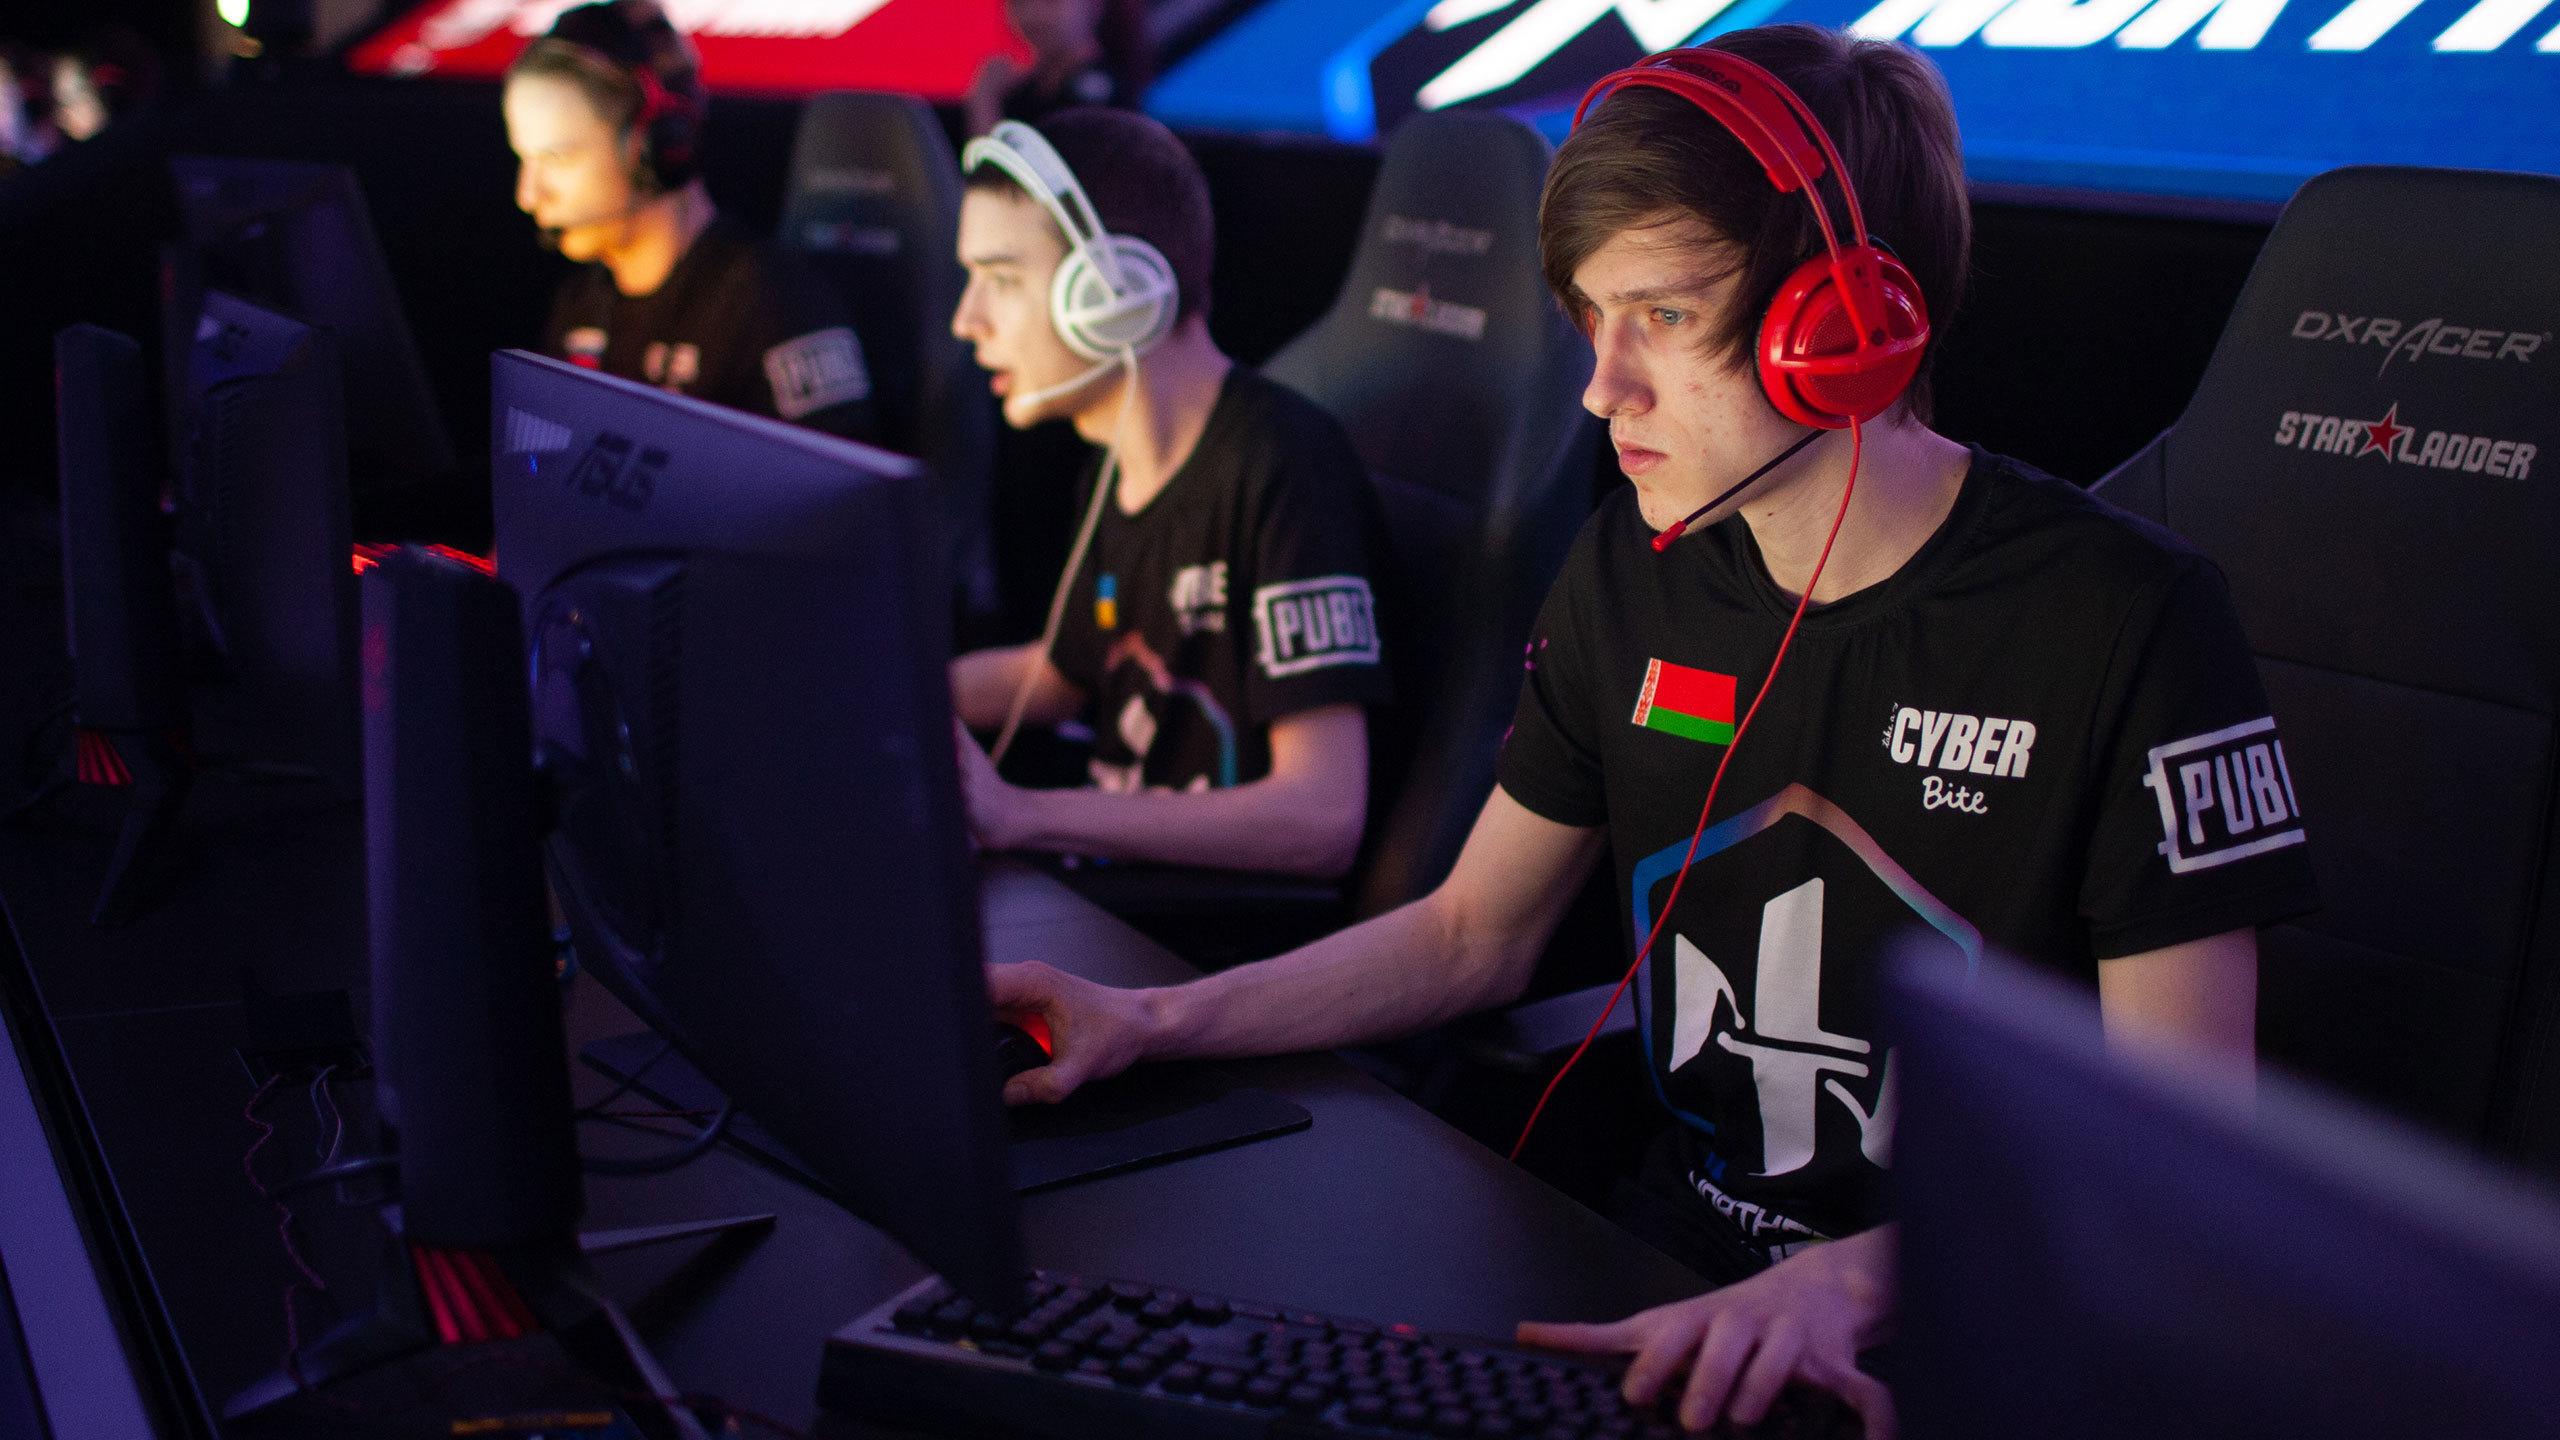 Интервью с игроками NLT о команде и второй фазе Contenders